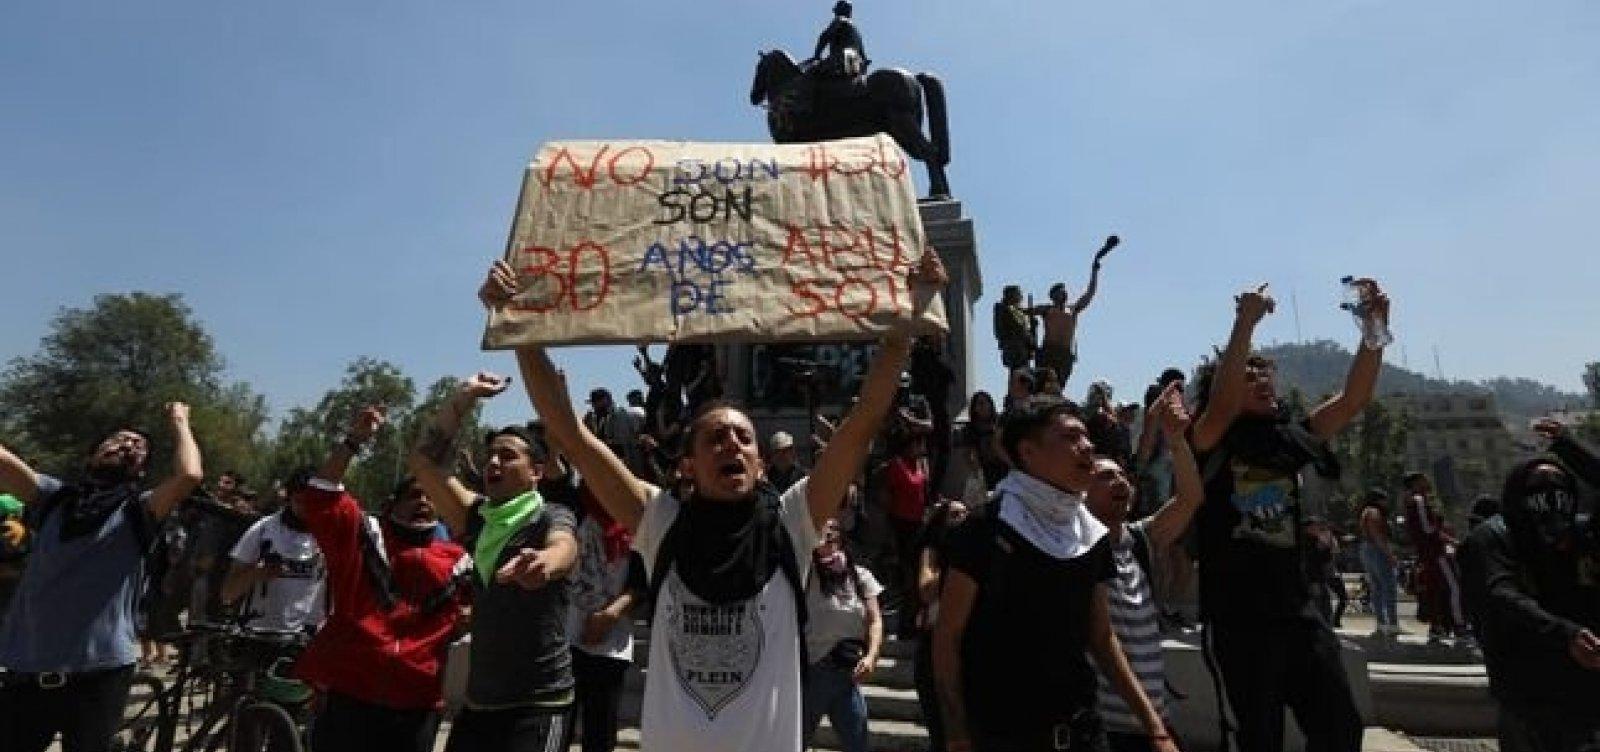 ONU anuncia envio de missão de direitos humanos ao Chile